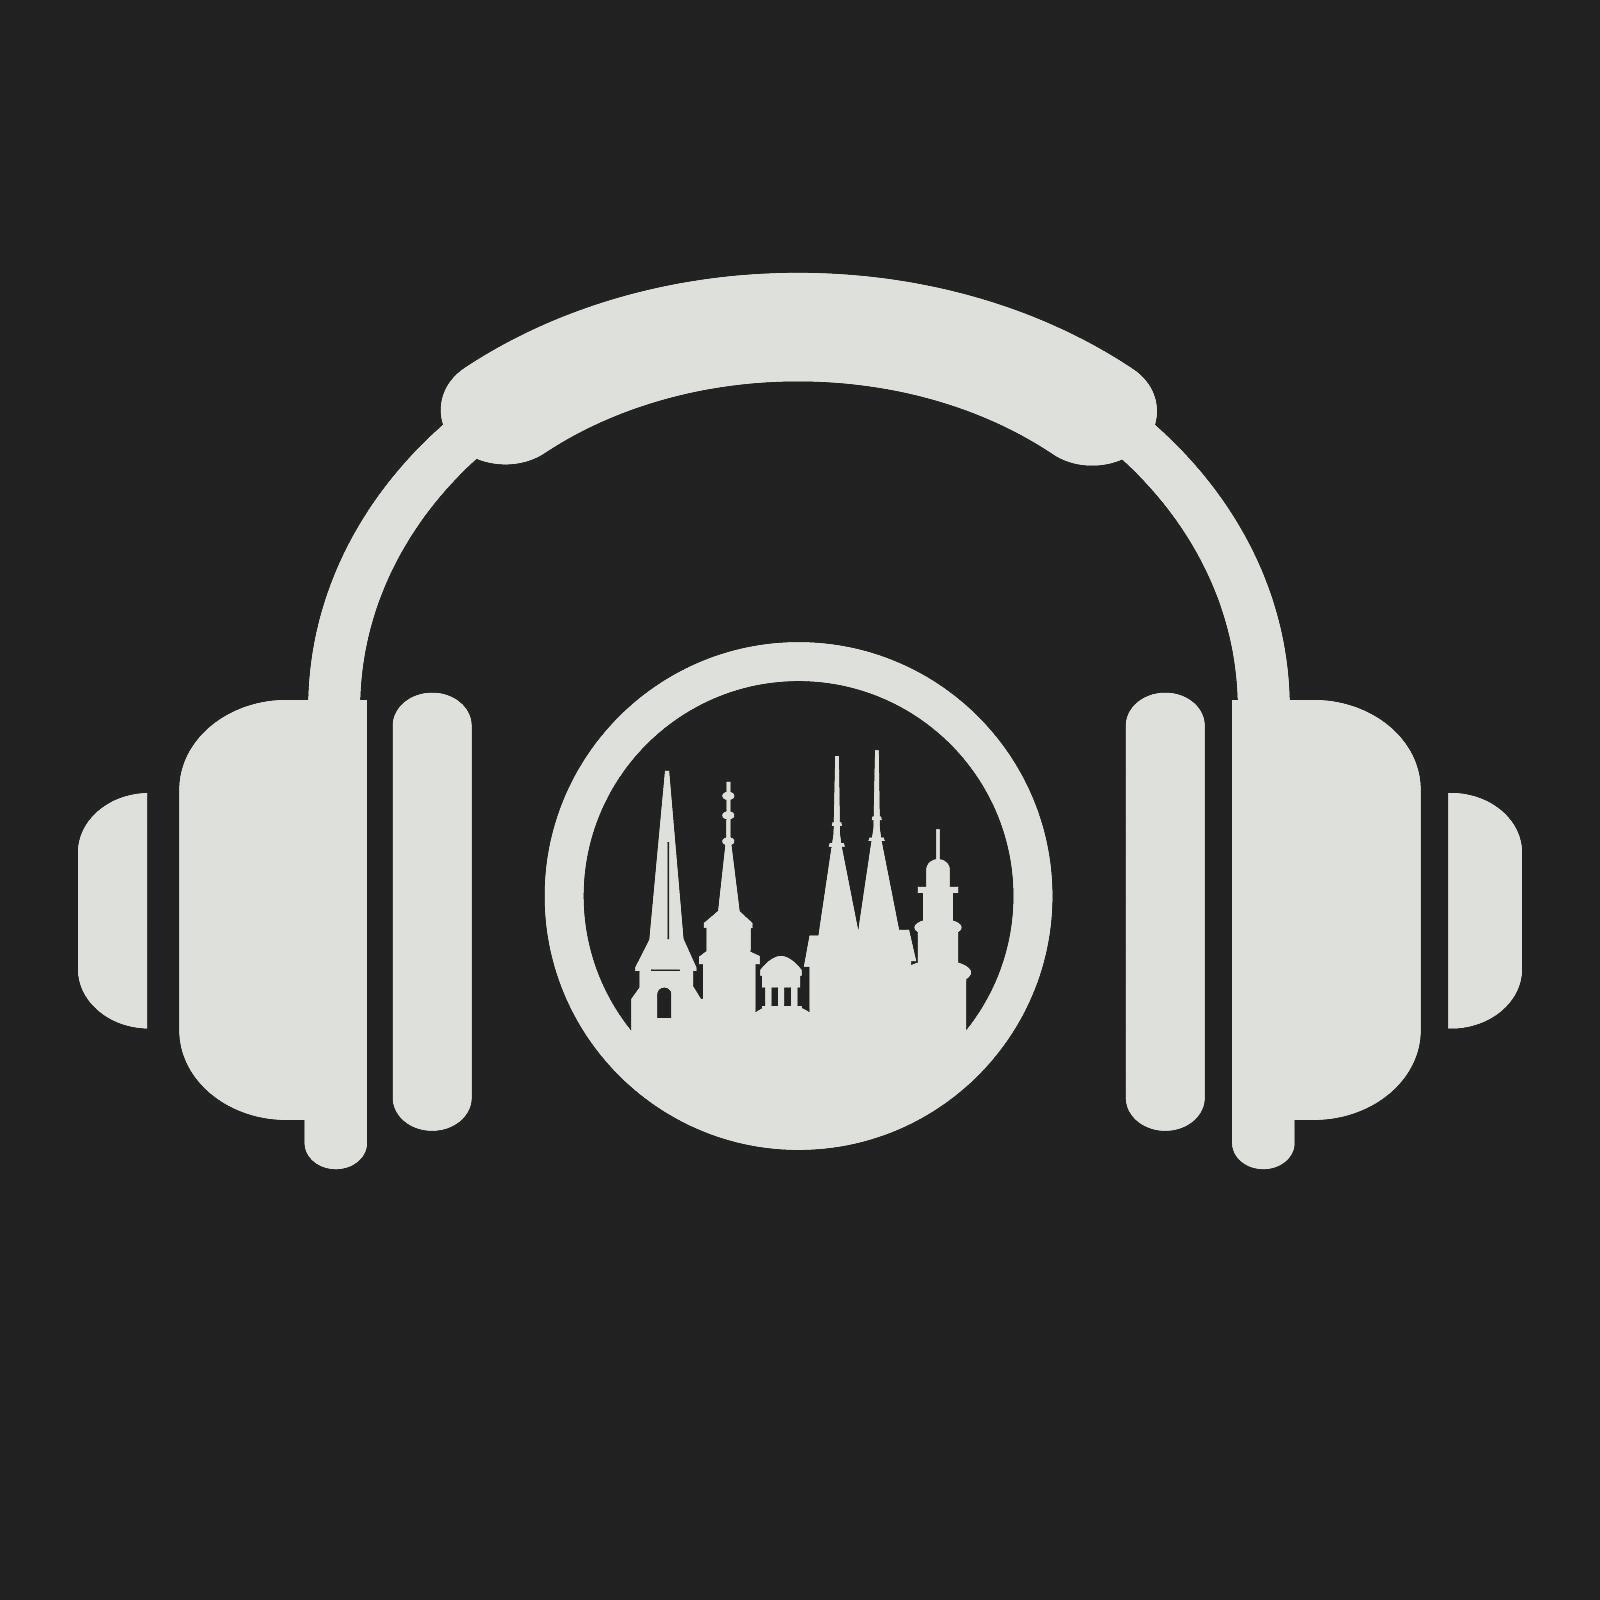 podcast-fredtechbyte.png